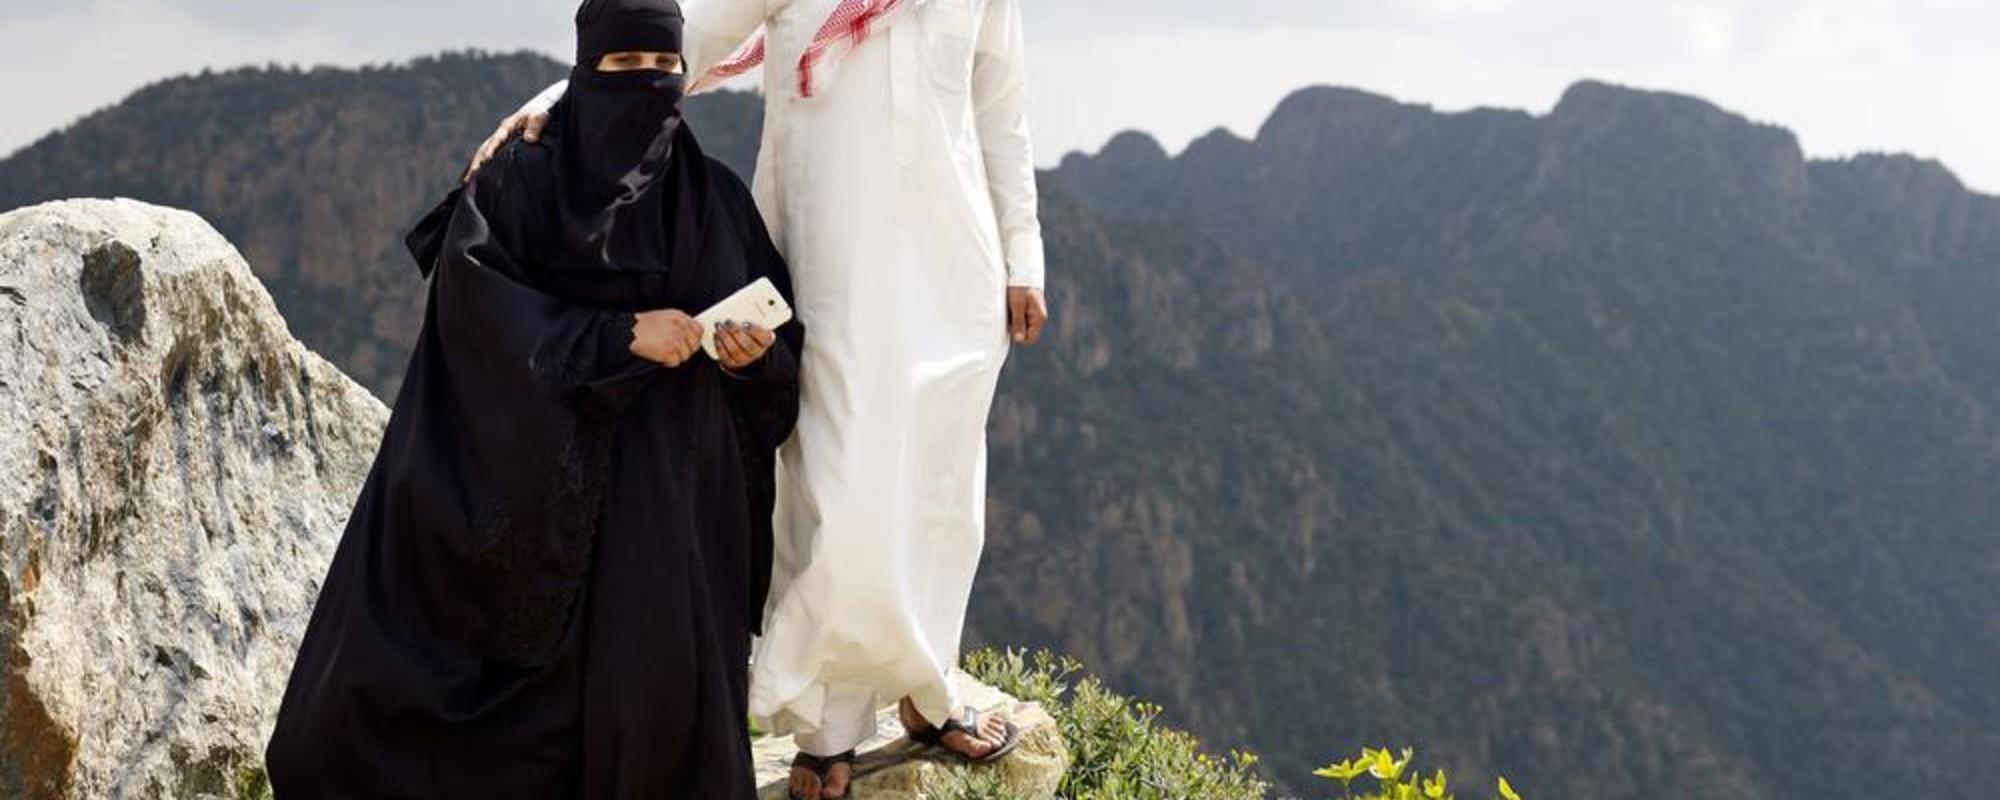 Billeder fra et kontrastfyldt Saudi-Arabien i rivende udvikling